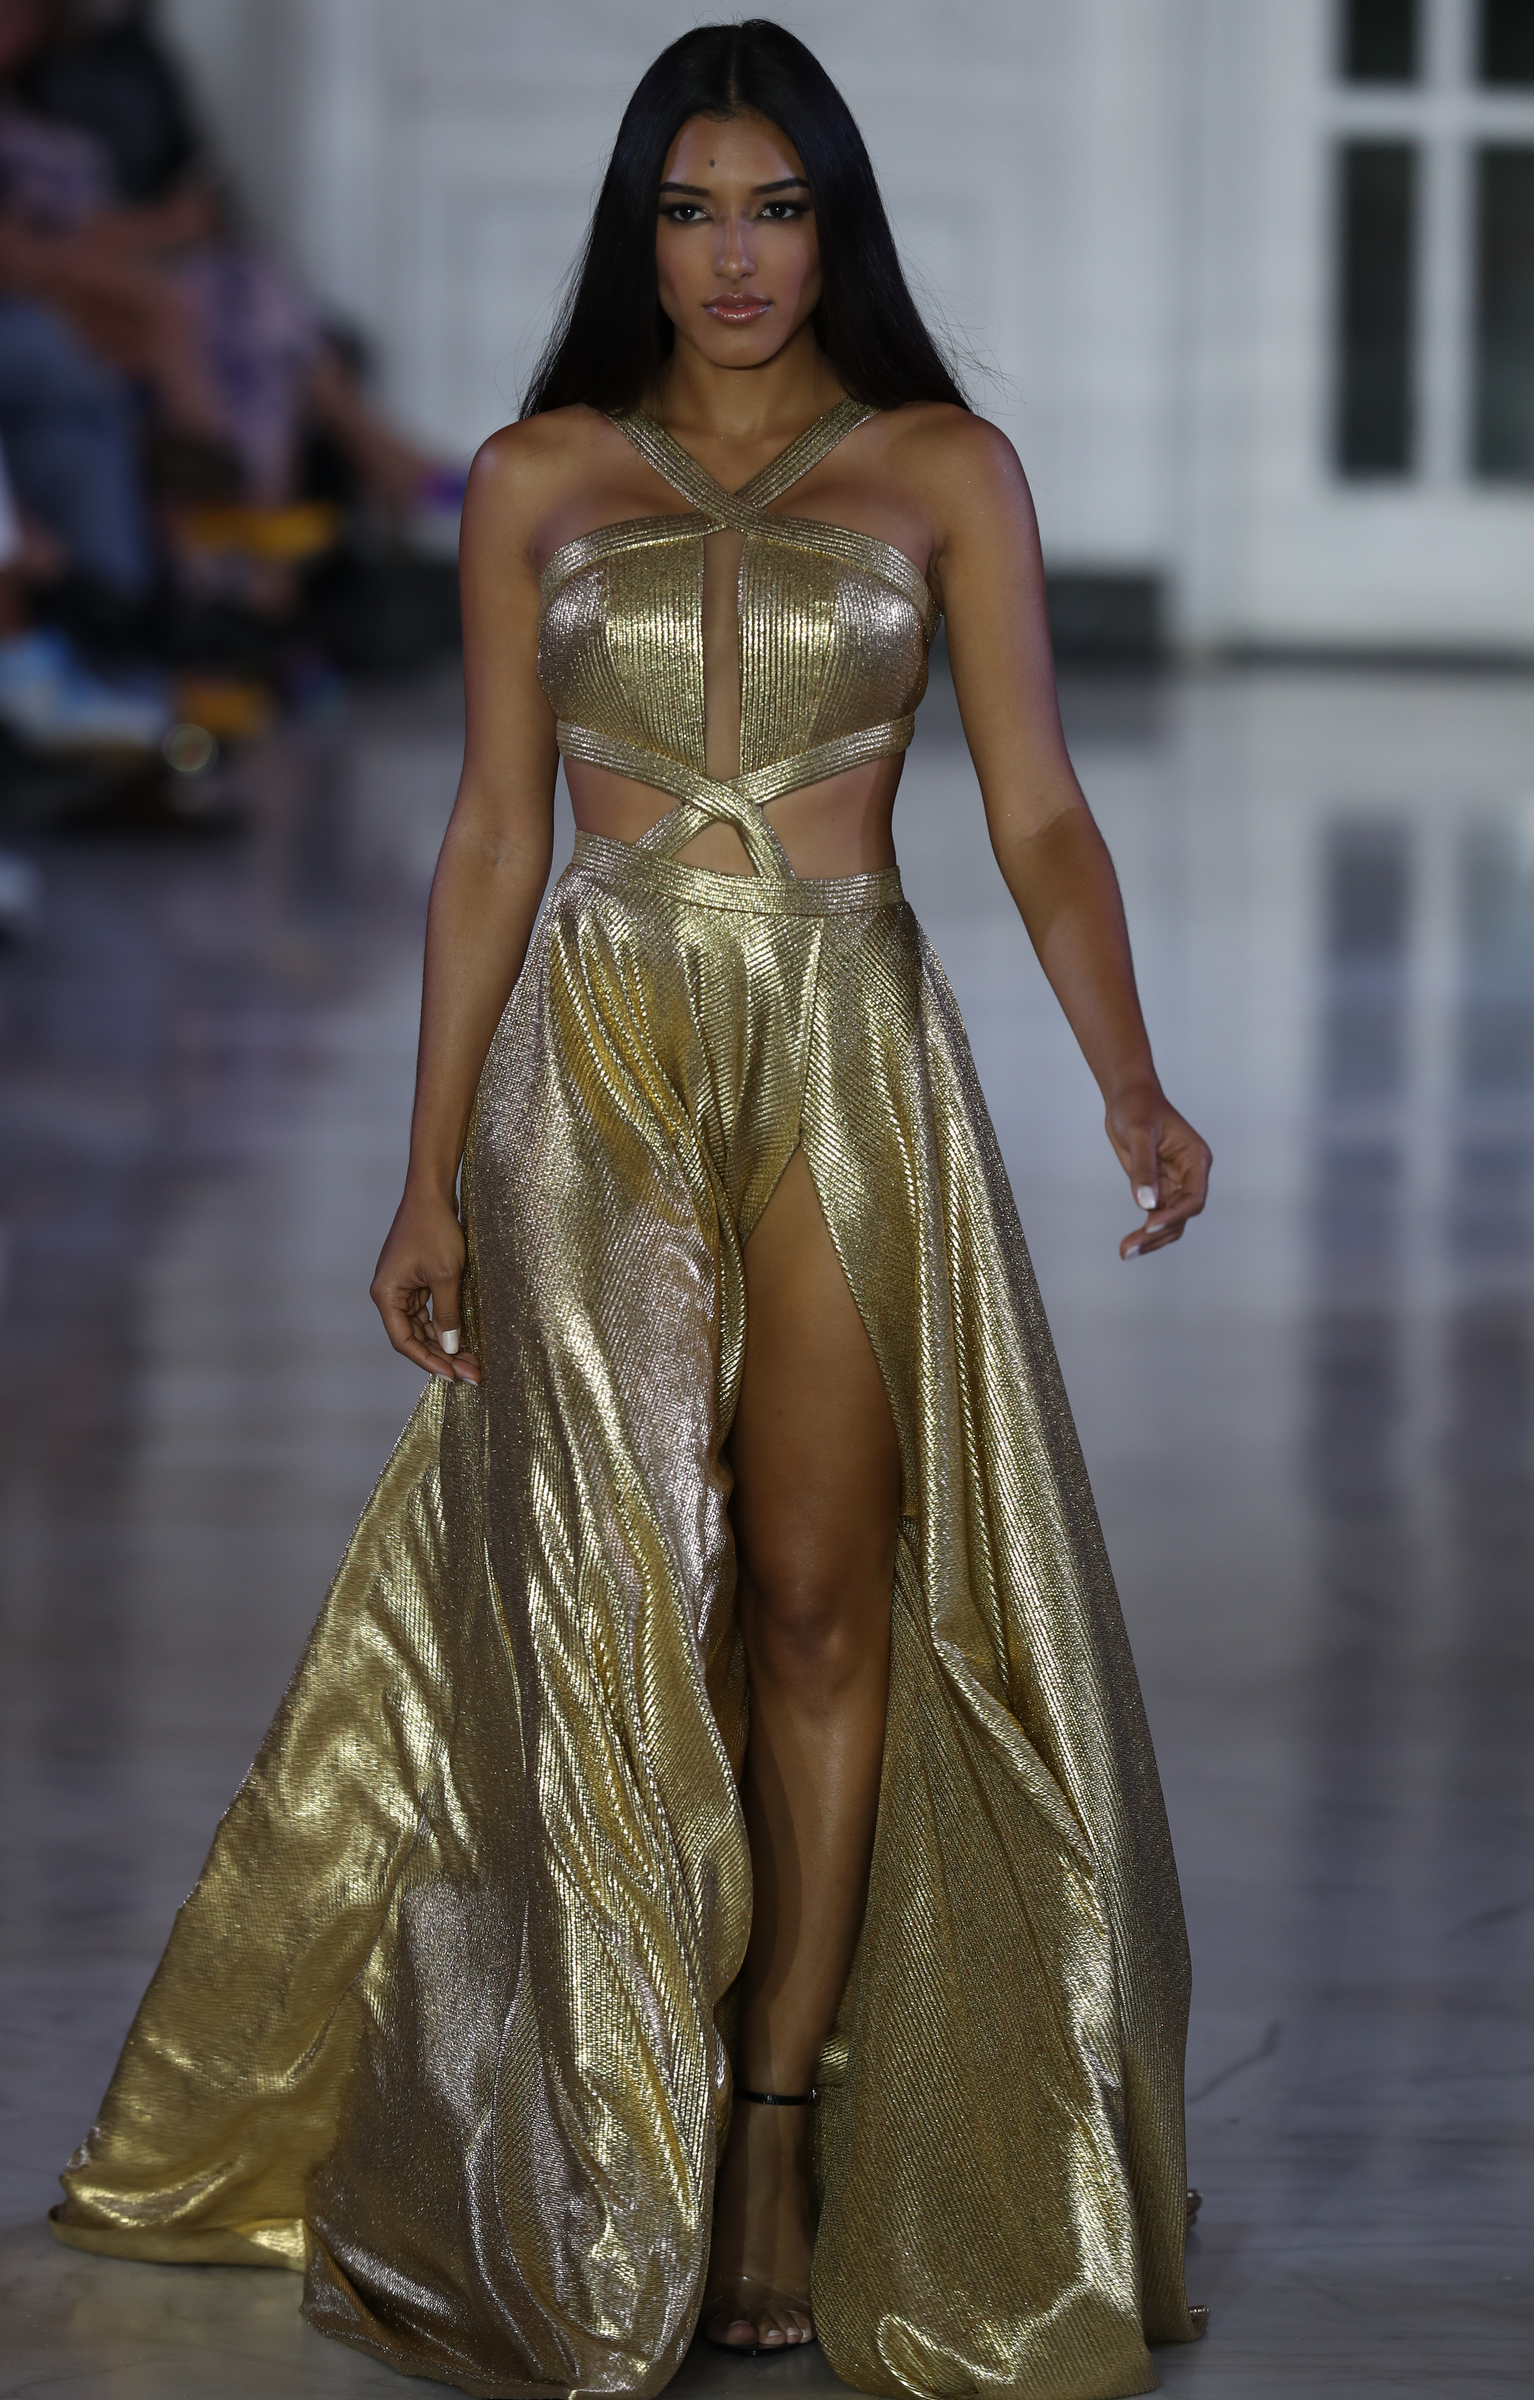 """Los """"crop tops"""" y los detalles de """"cut outs"""" en las telas suaves son muy distintivo de la indumentaria de las mujeres de Oriente Medio. En la foto, vestido dorado, de Nathalie Kriado. (david.villfane@gfrmedia.com)"""